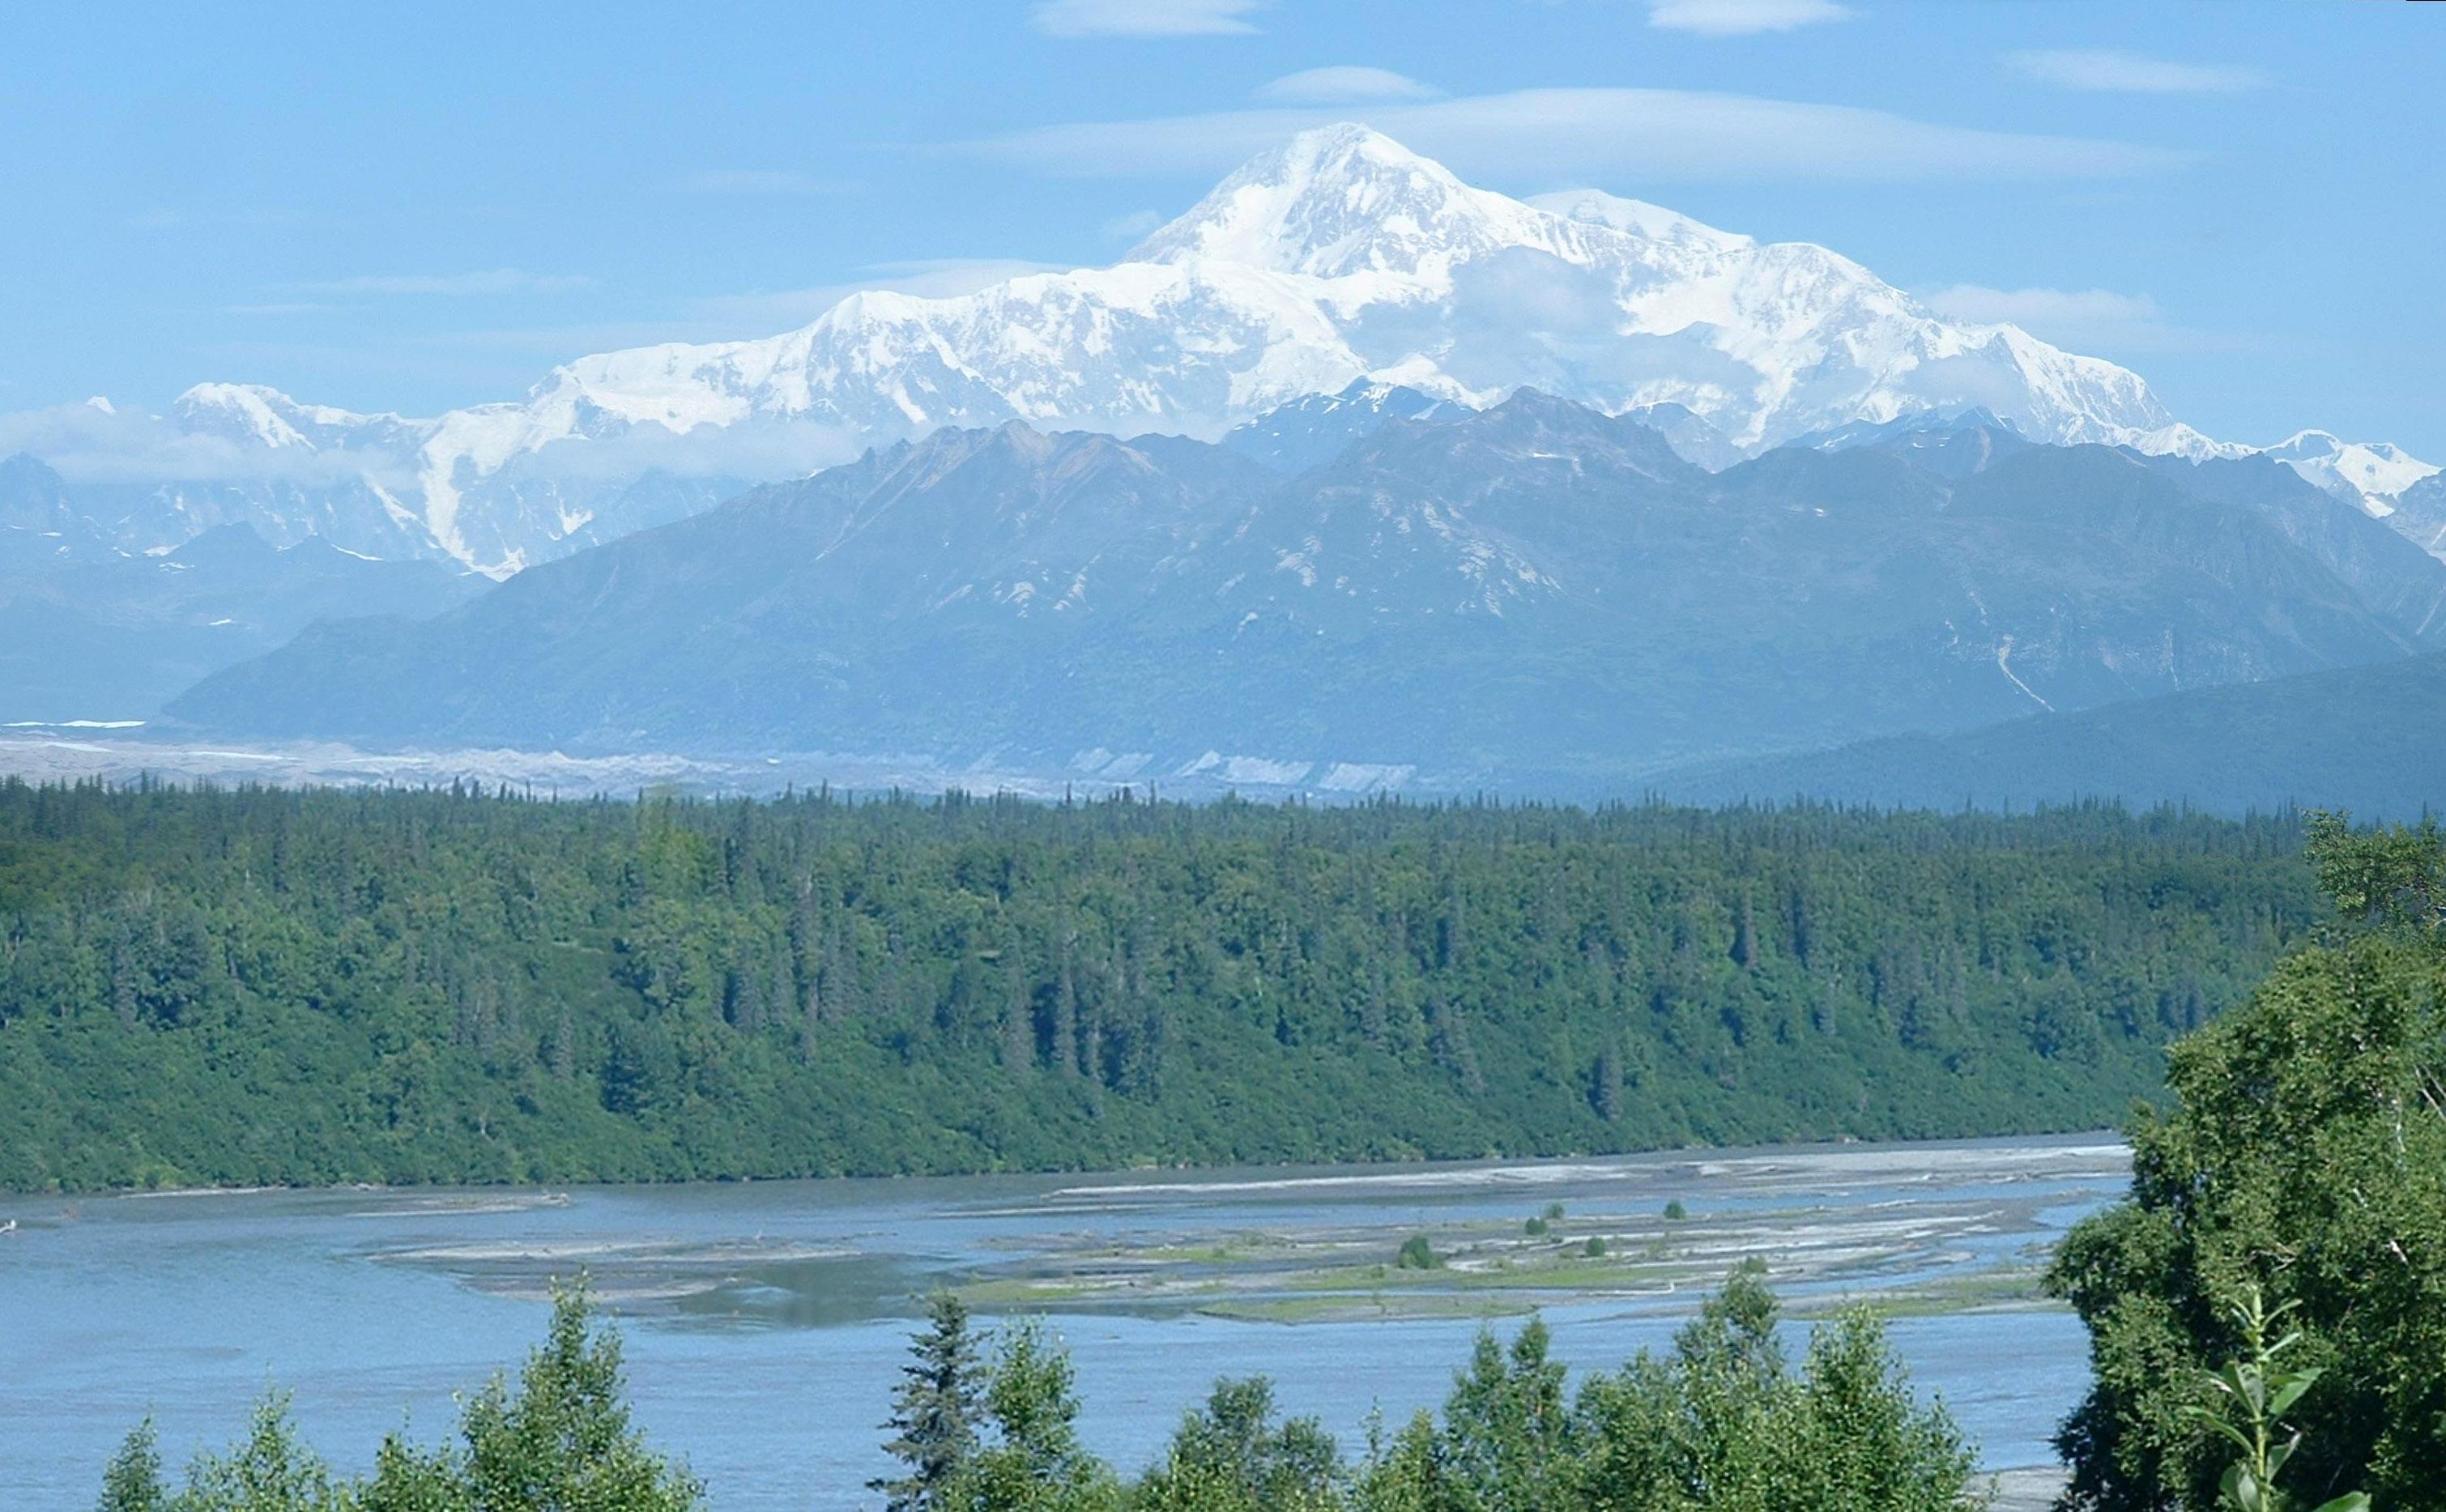 View Of Denali From Denali National Park Alaska Image